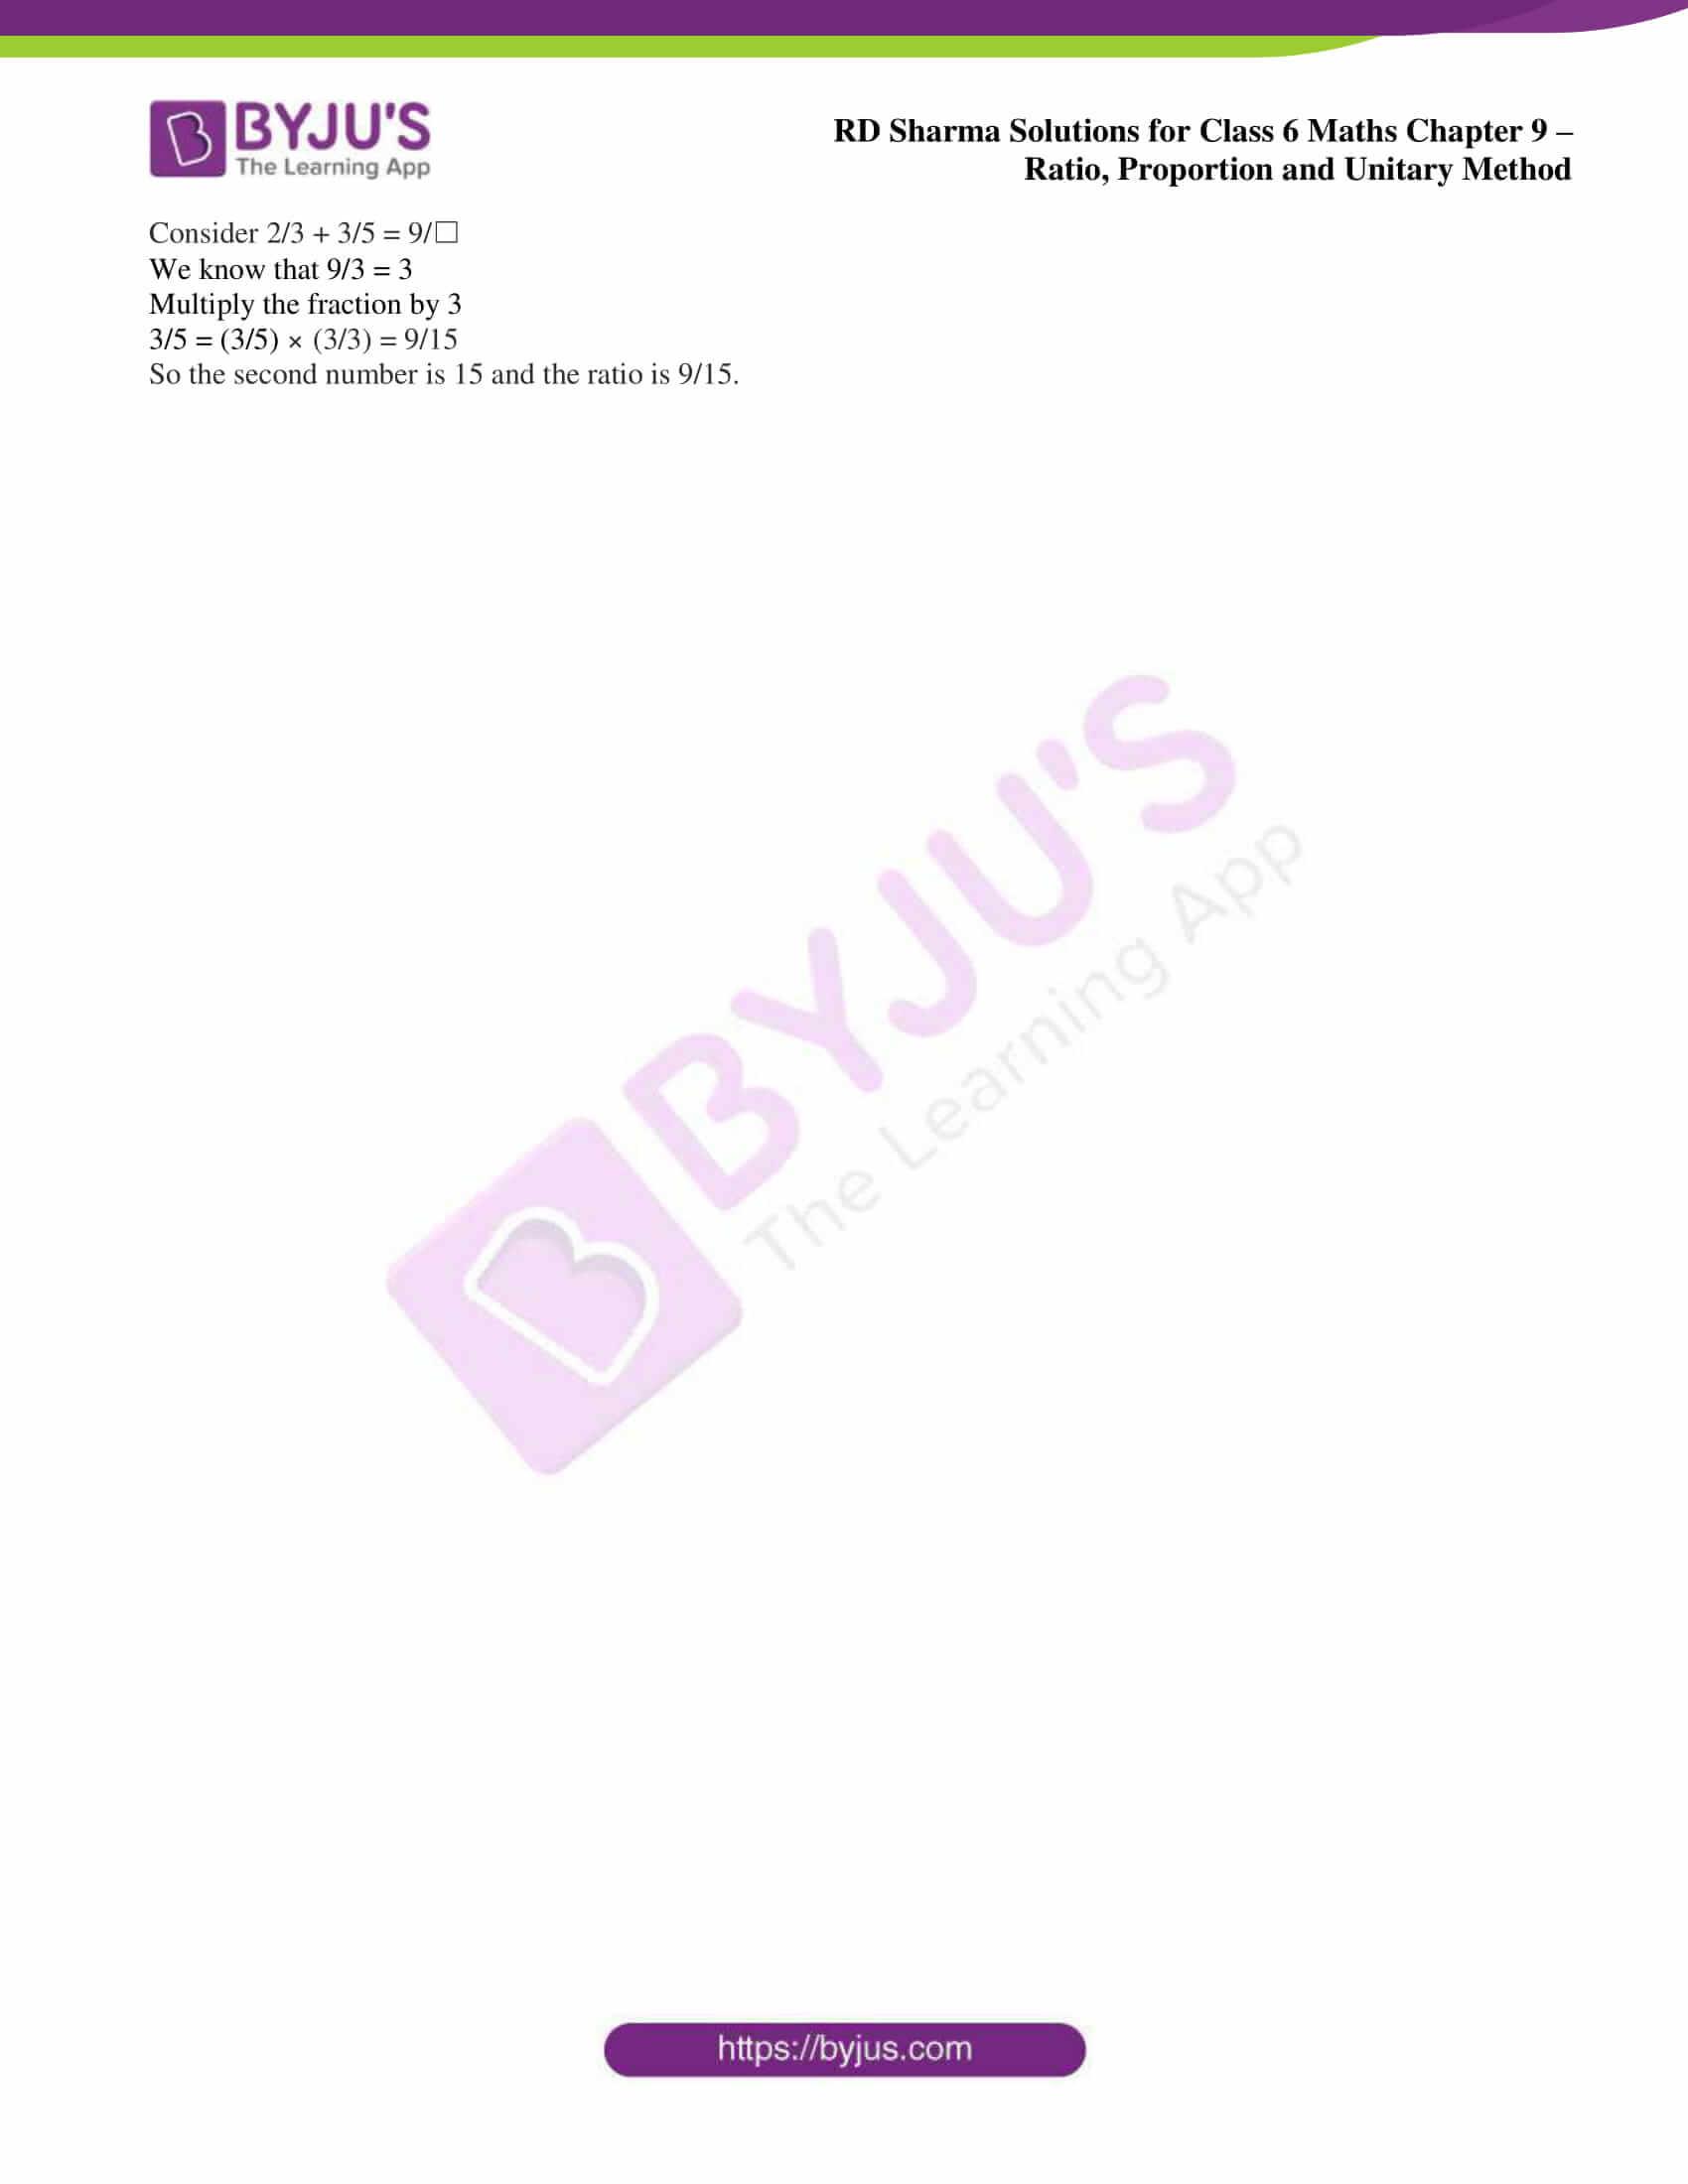 rd sharma class 6 maths solutions chapter 9 ex 2 3